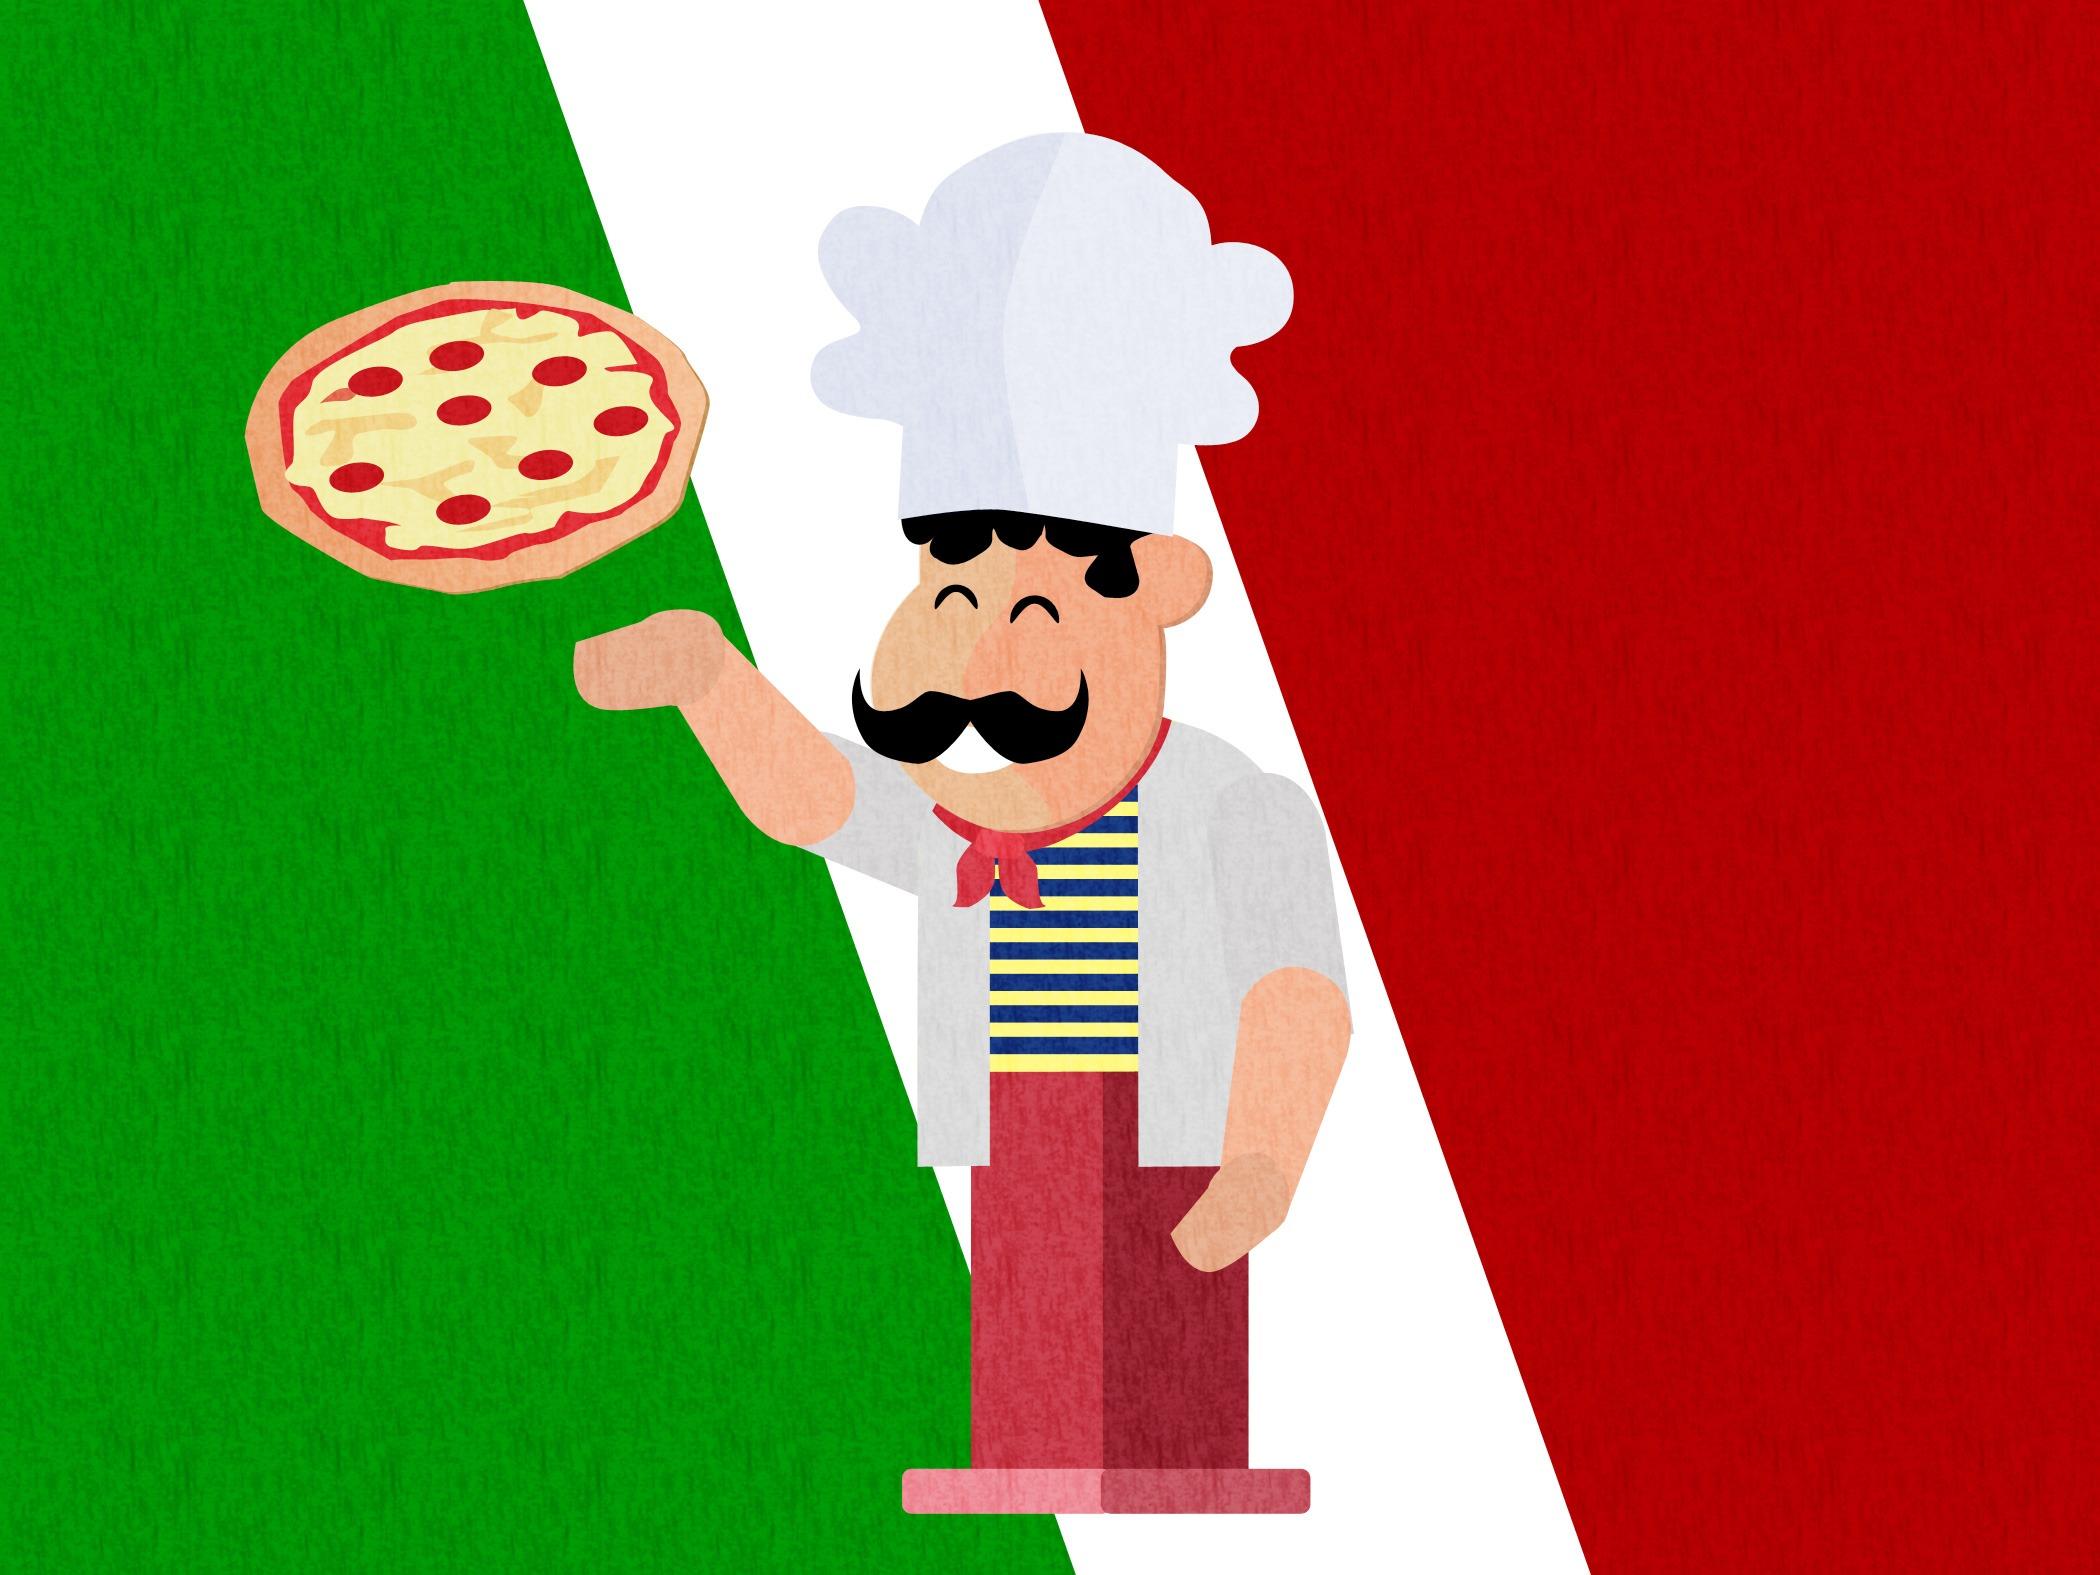 Gambar Makanan Pizza Merek Ilustrasi Sinterklas Italia